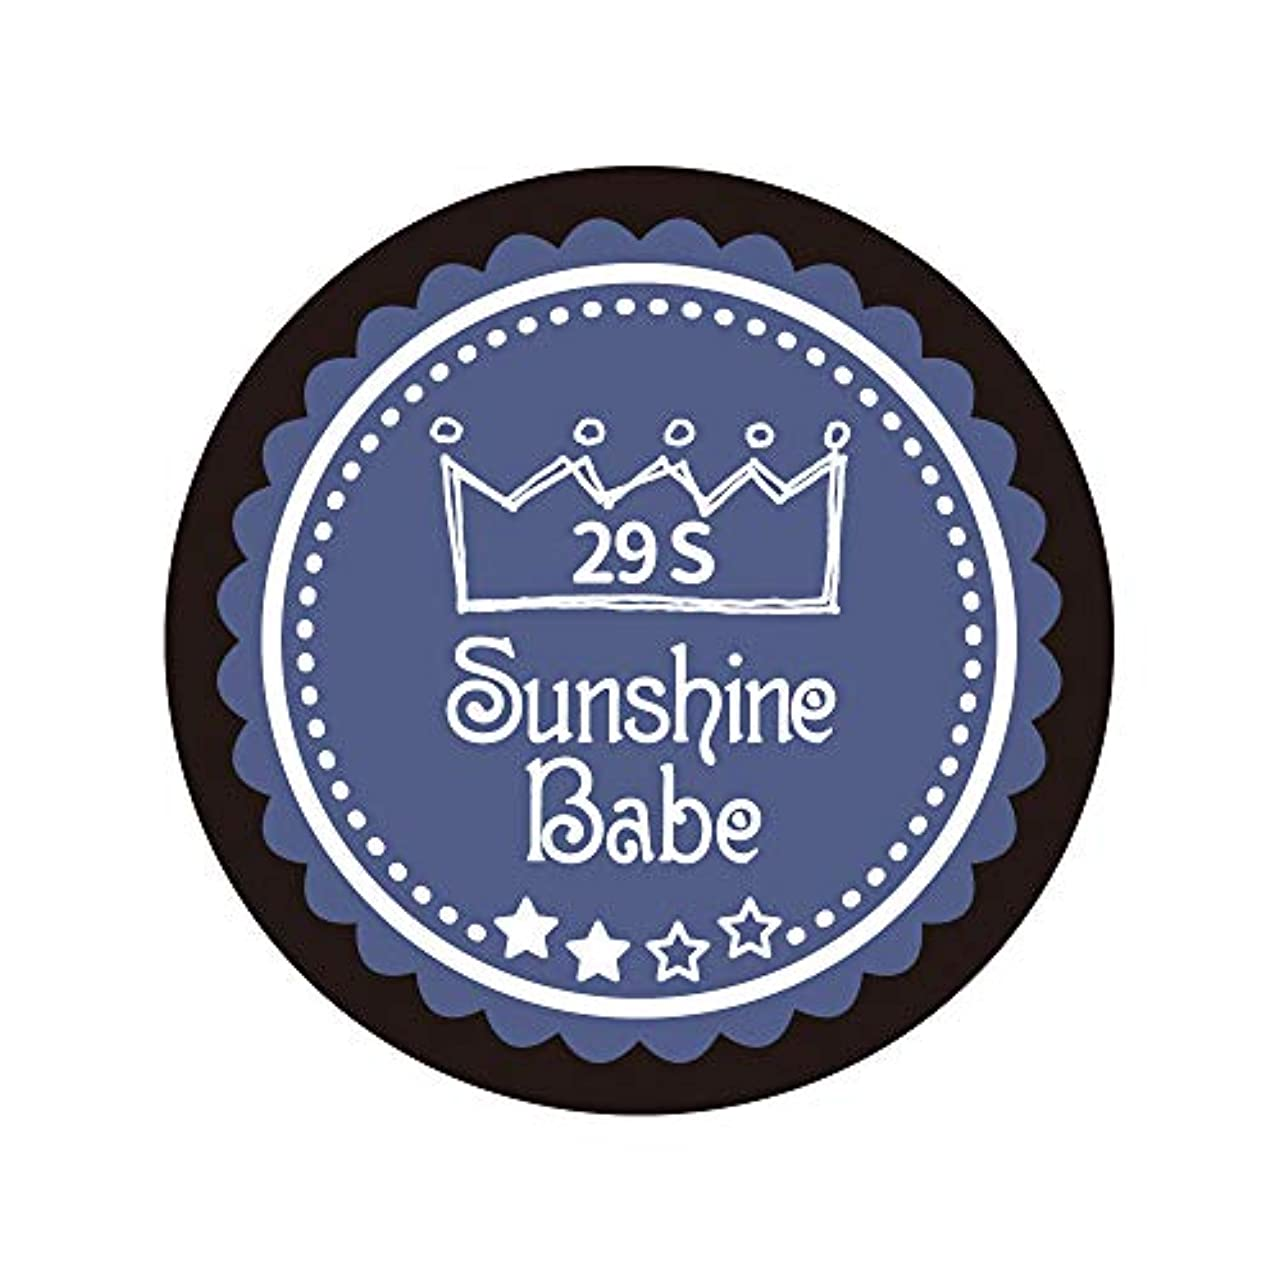 雨の以下指定Sunshine Babe カラージェル 29S ネイビーグレー 2.7g UV/LED対応